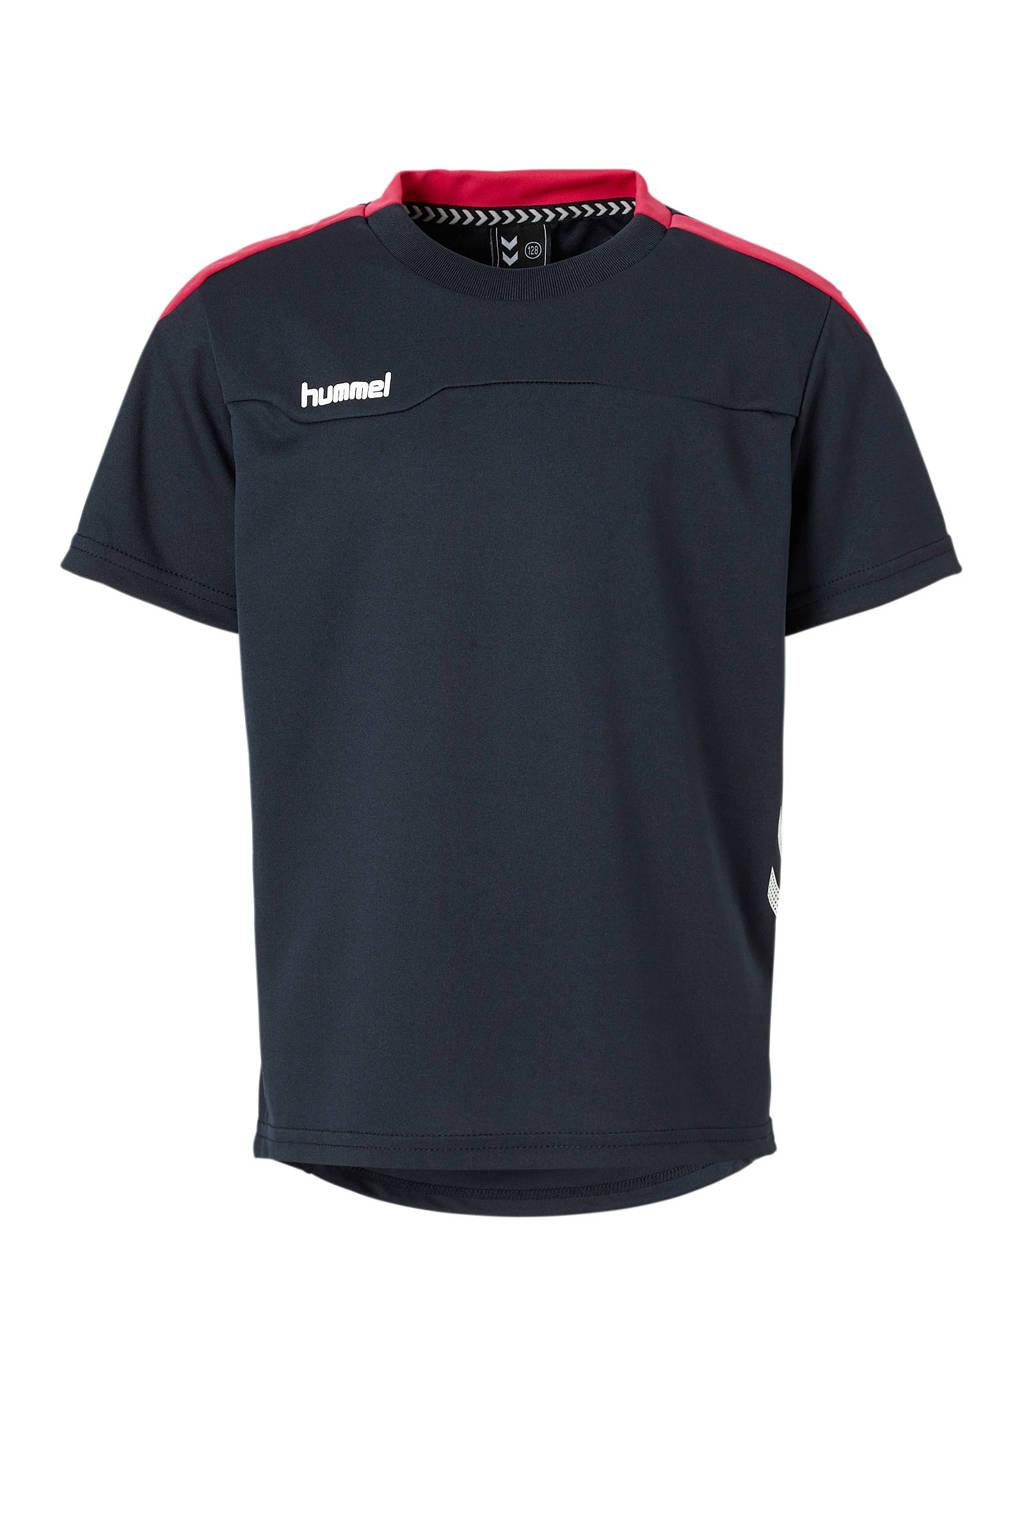 hummel   sport T-shirt donkerblauw/roze, Donkerblauw/roze, Jongens